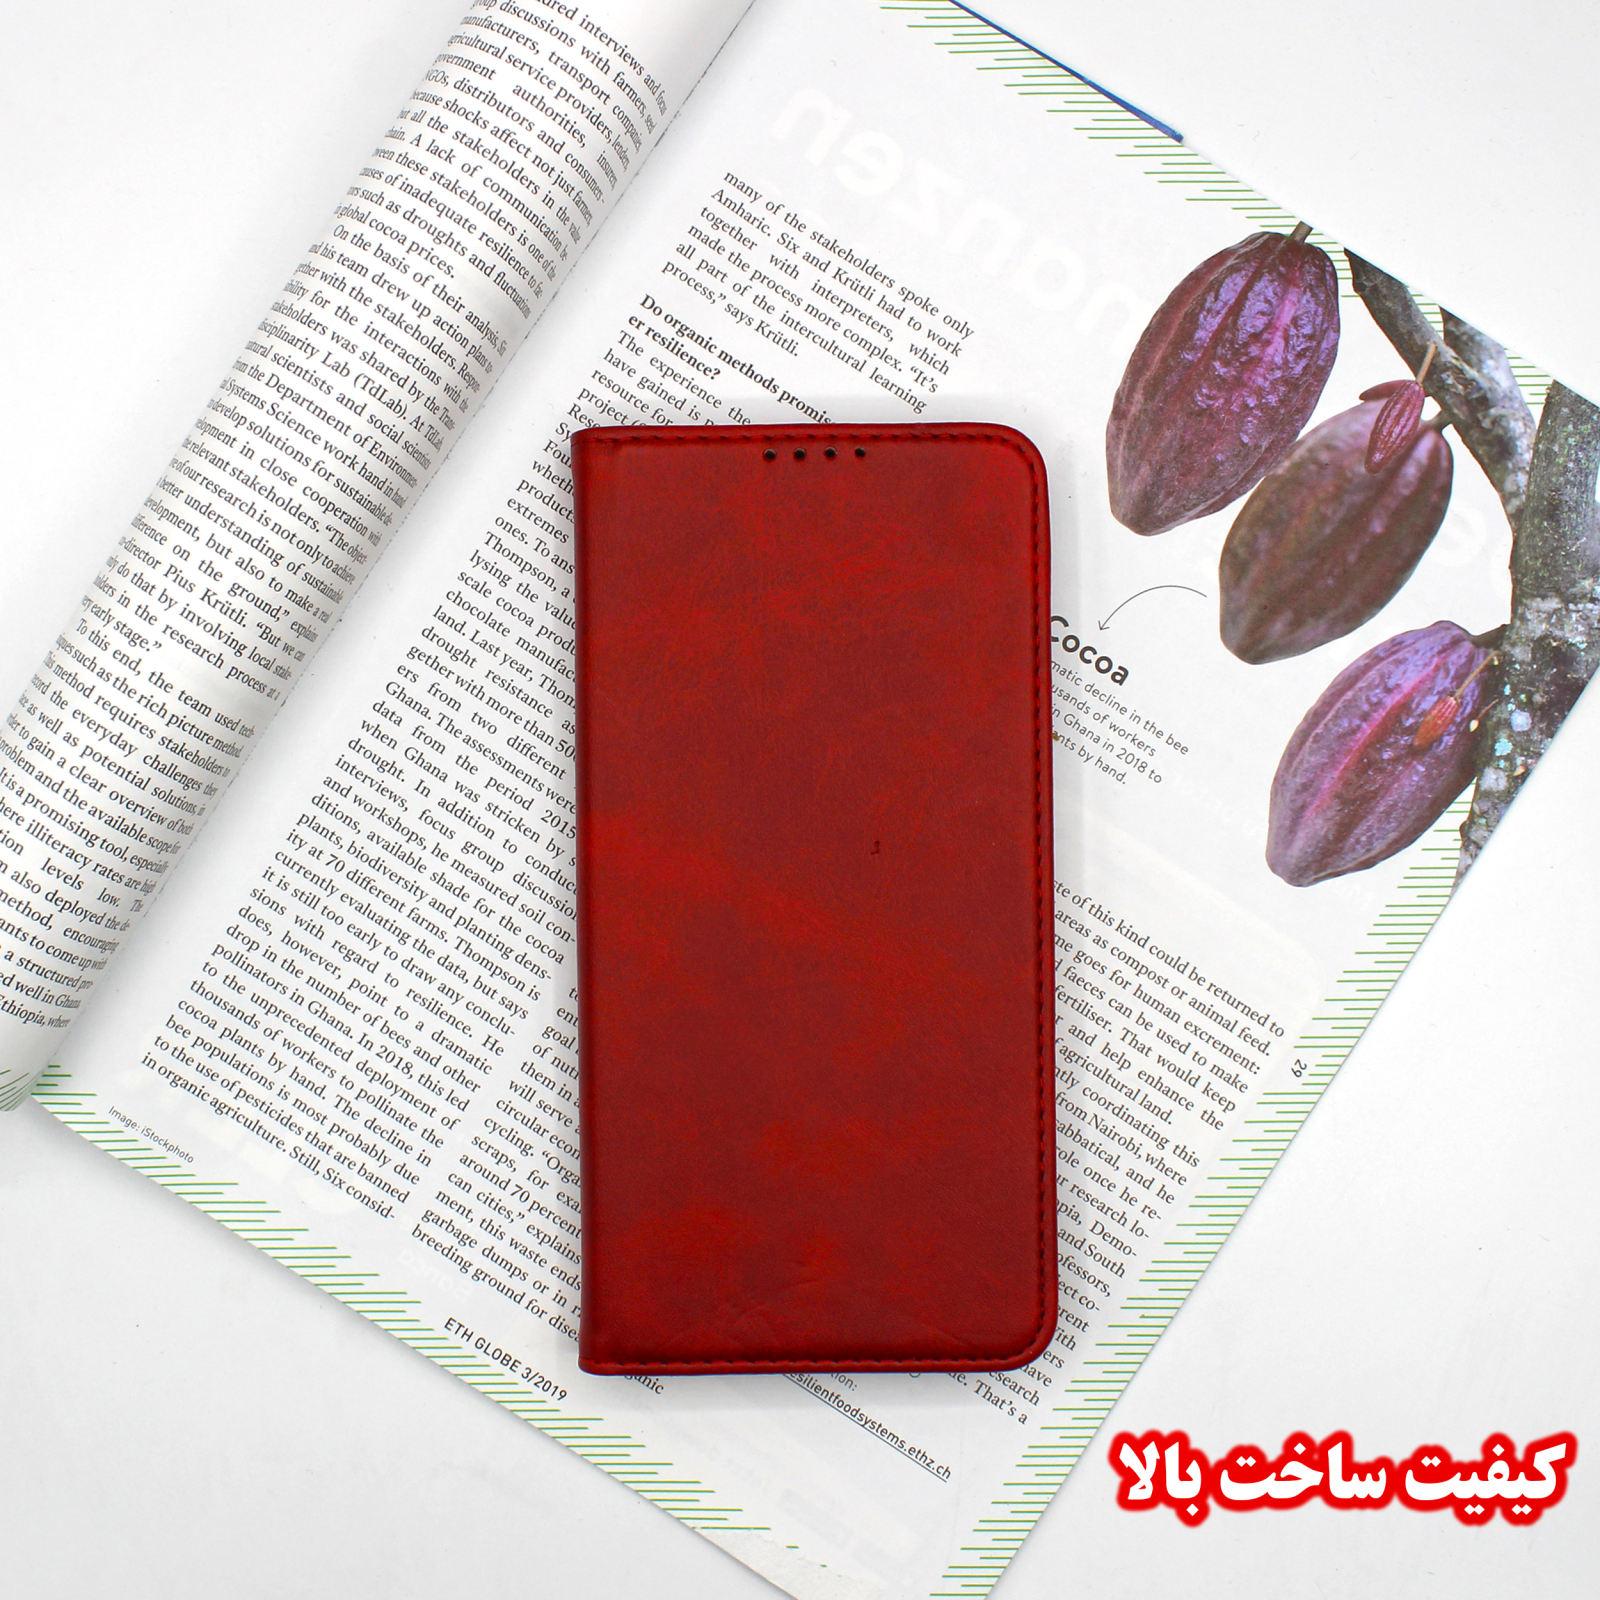 کیف کلاسوری کینگ پاور مدل Q21 مناسب برای گوشی موبایل شیائومی Redmi Note 8 thumb 2 9